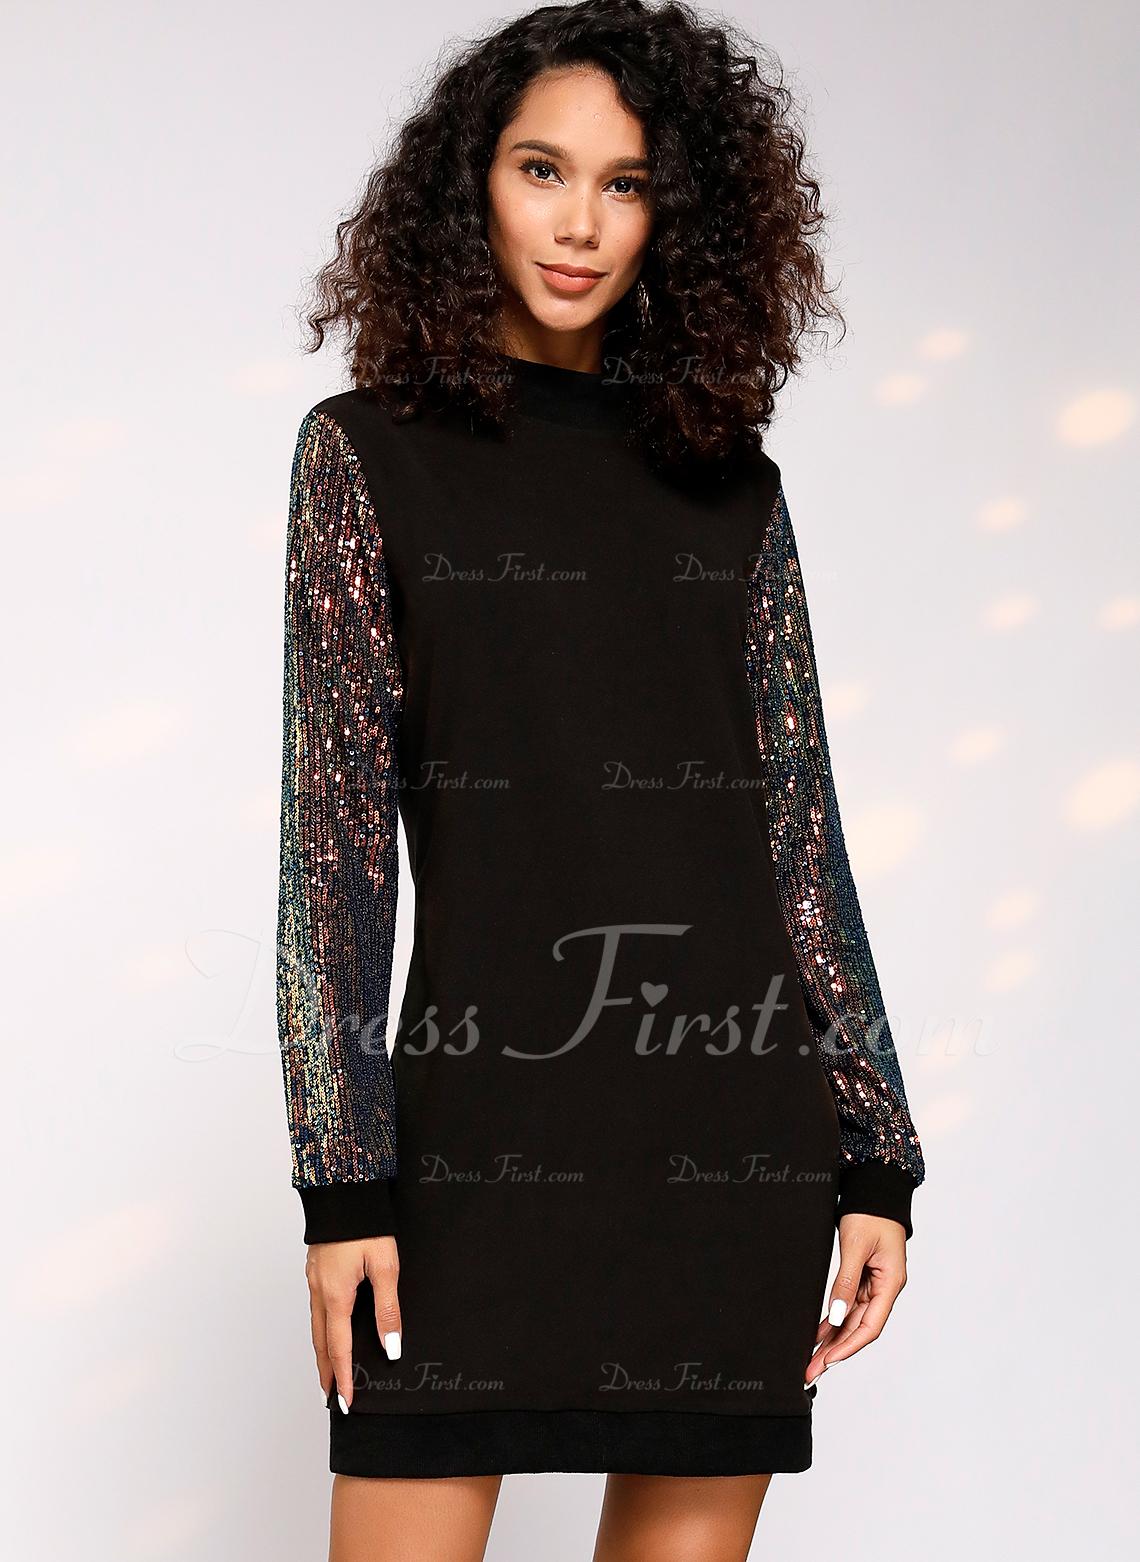 スパンコール シフトドレス 長袖 ミディ カジュアル チュニック ファッションドレス